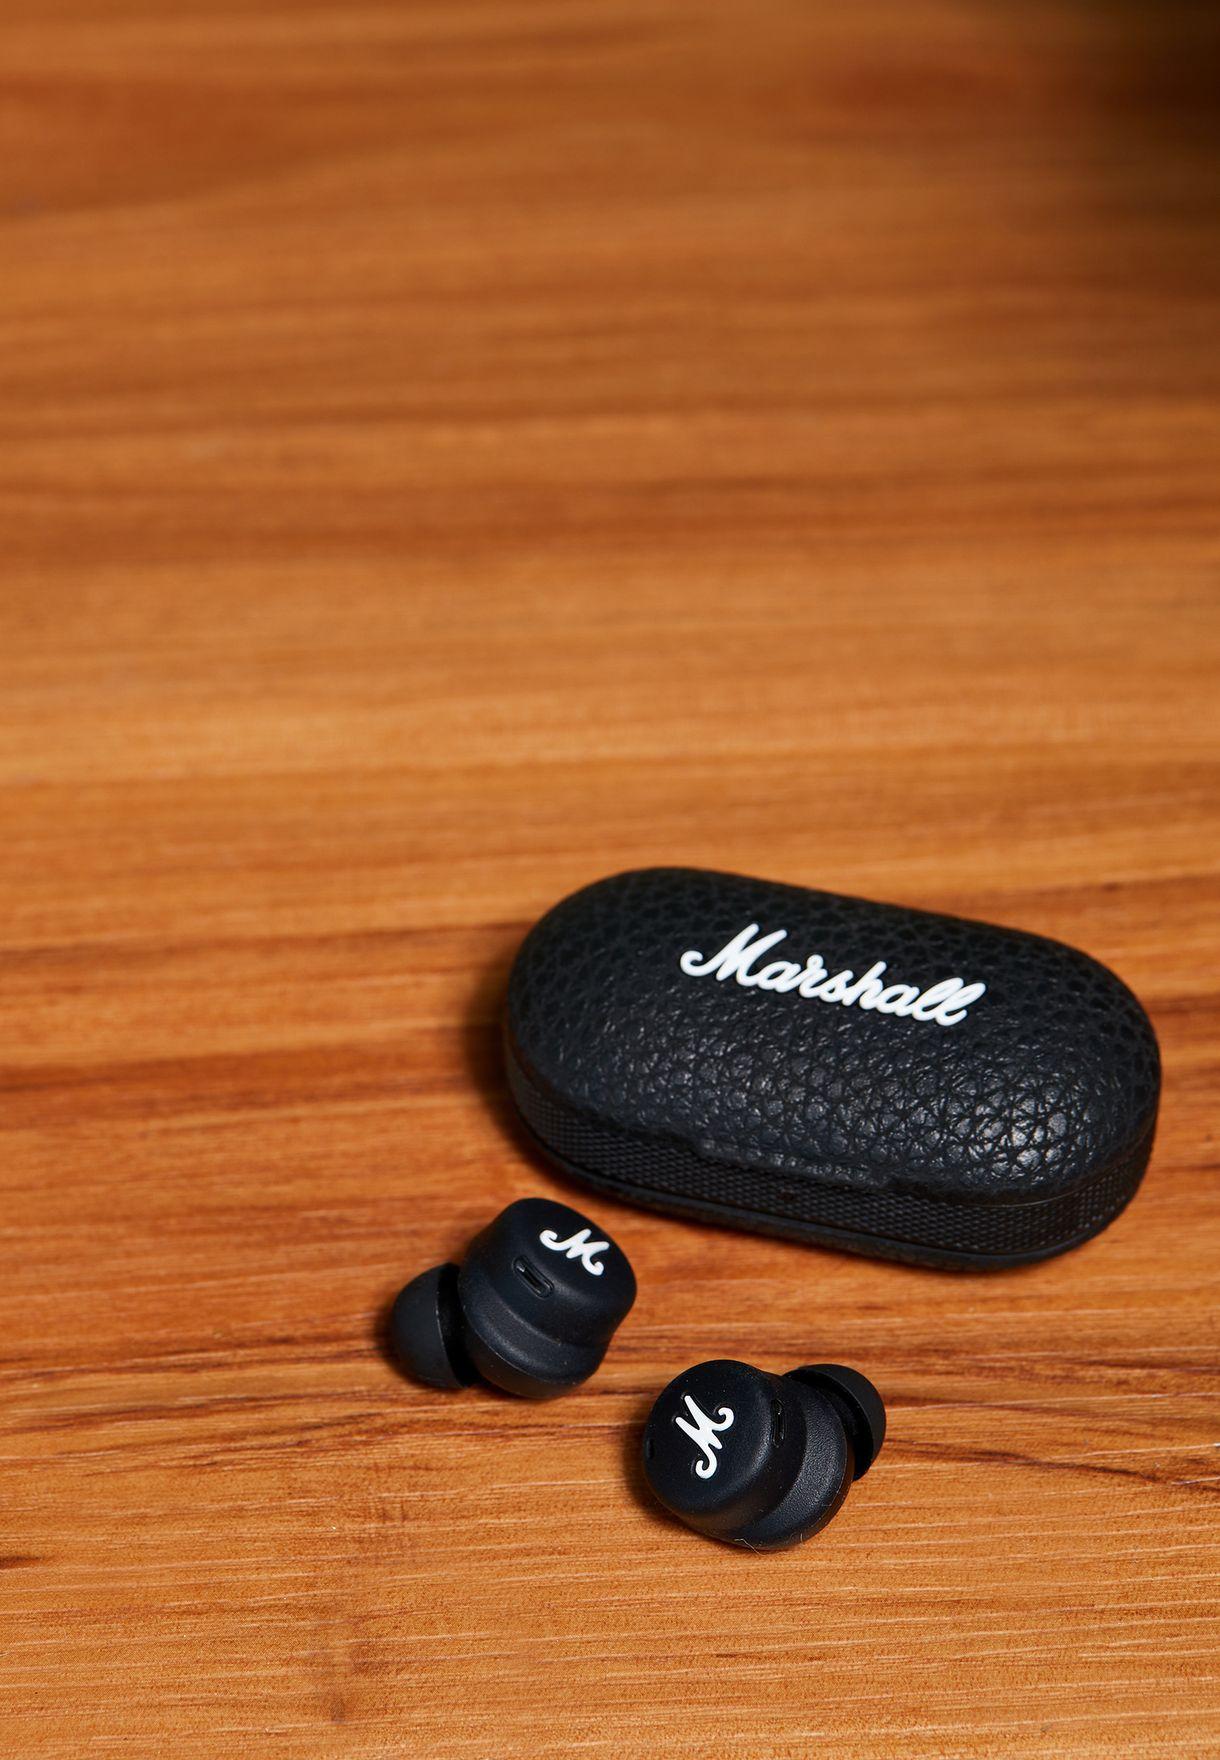 Mode Ii Wireless Earphone